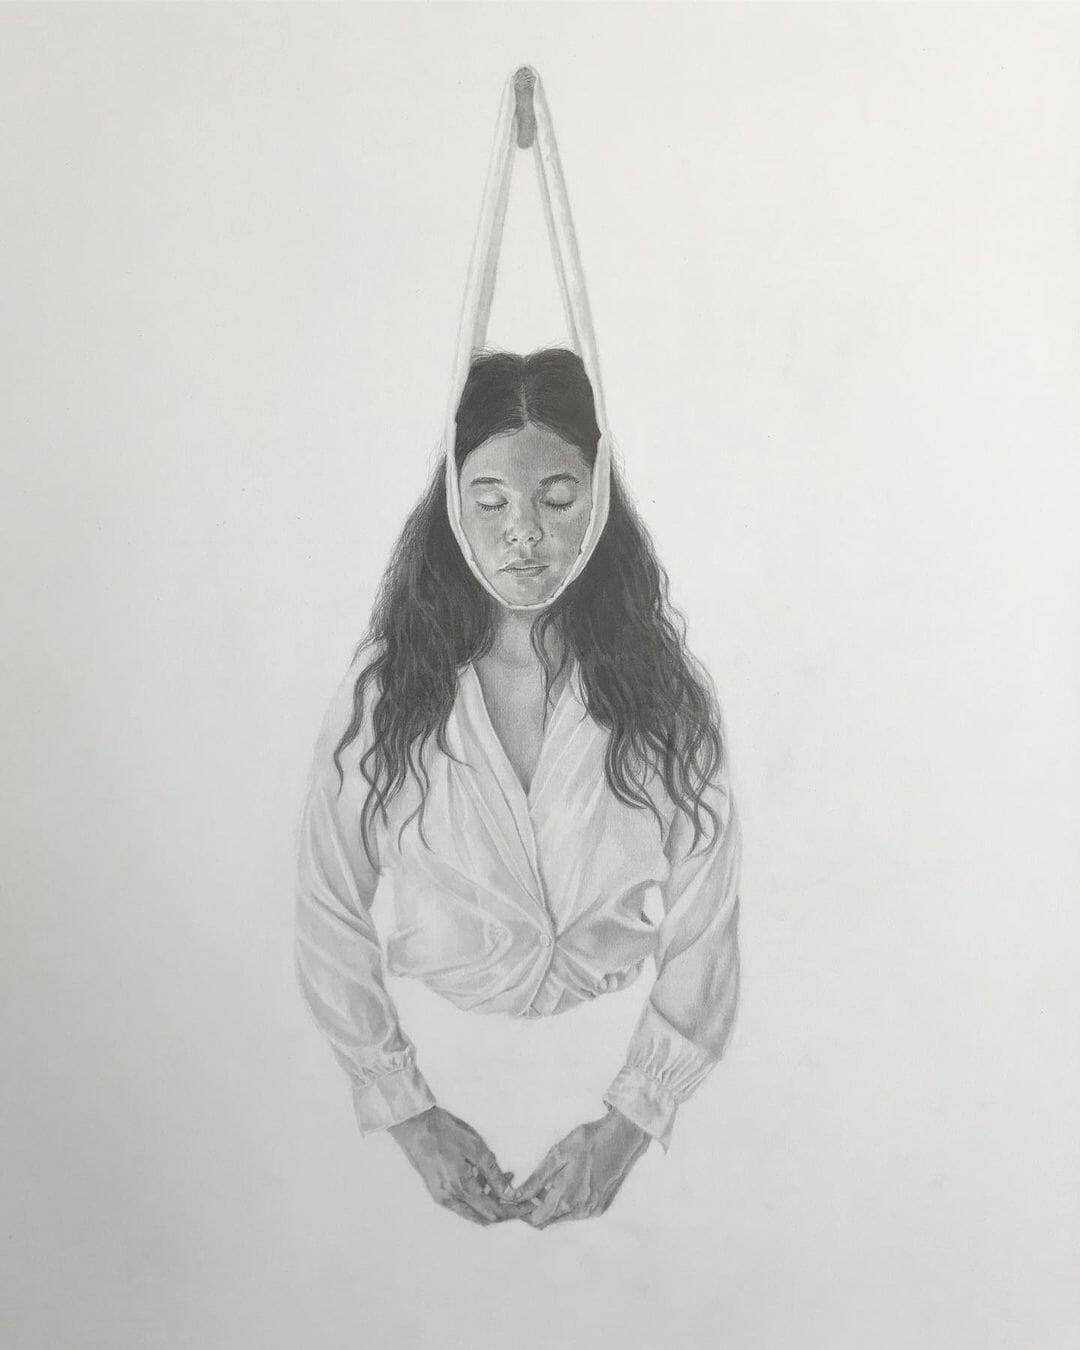 Illustration de Katie Evans, une femme qui n'a que le buste est attaché à la mâchoire par une sorte de bande en tissu